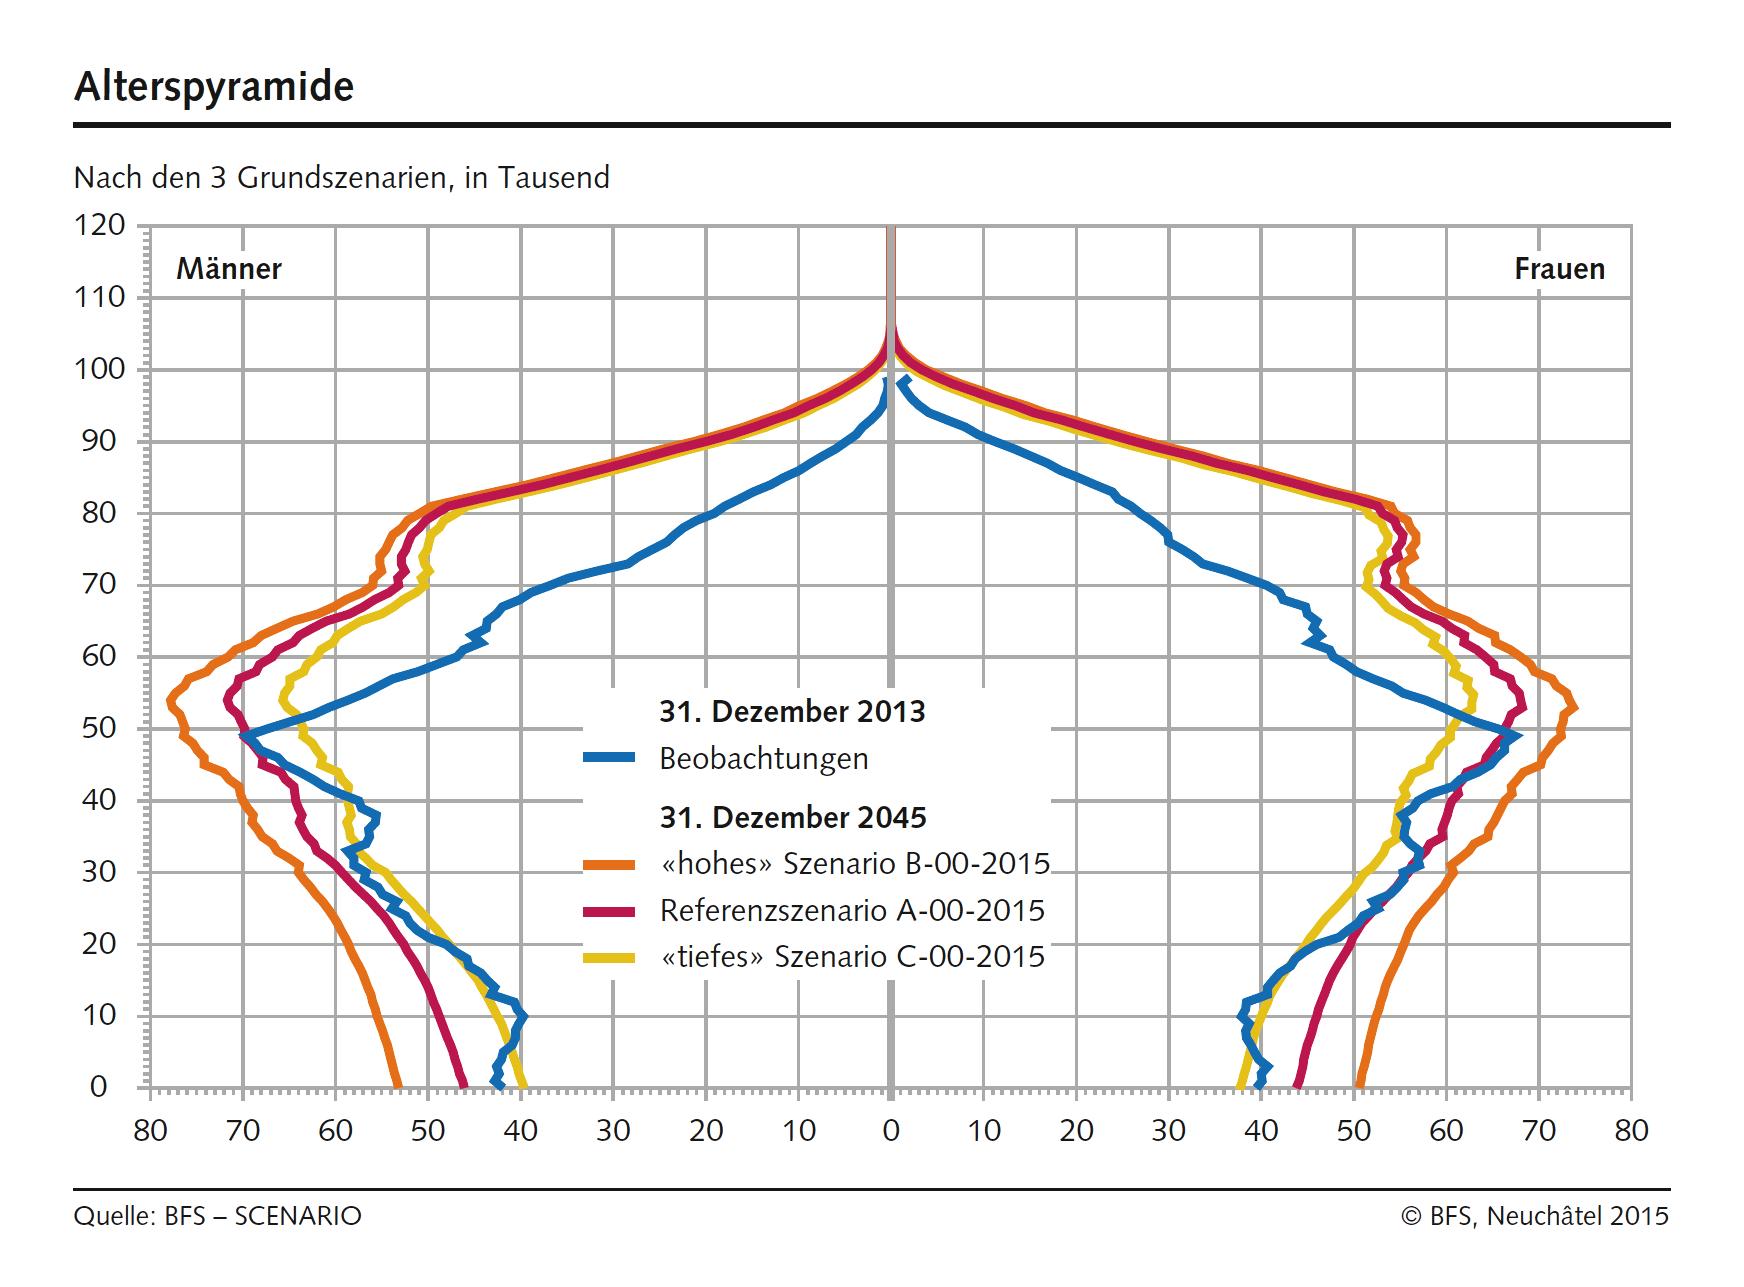 Unternehmens-Vermittler Alterspyramide Schweiz